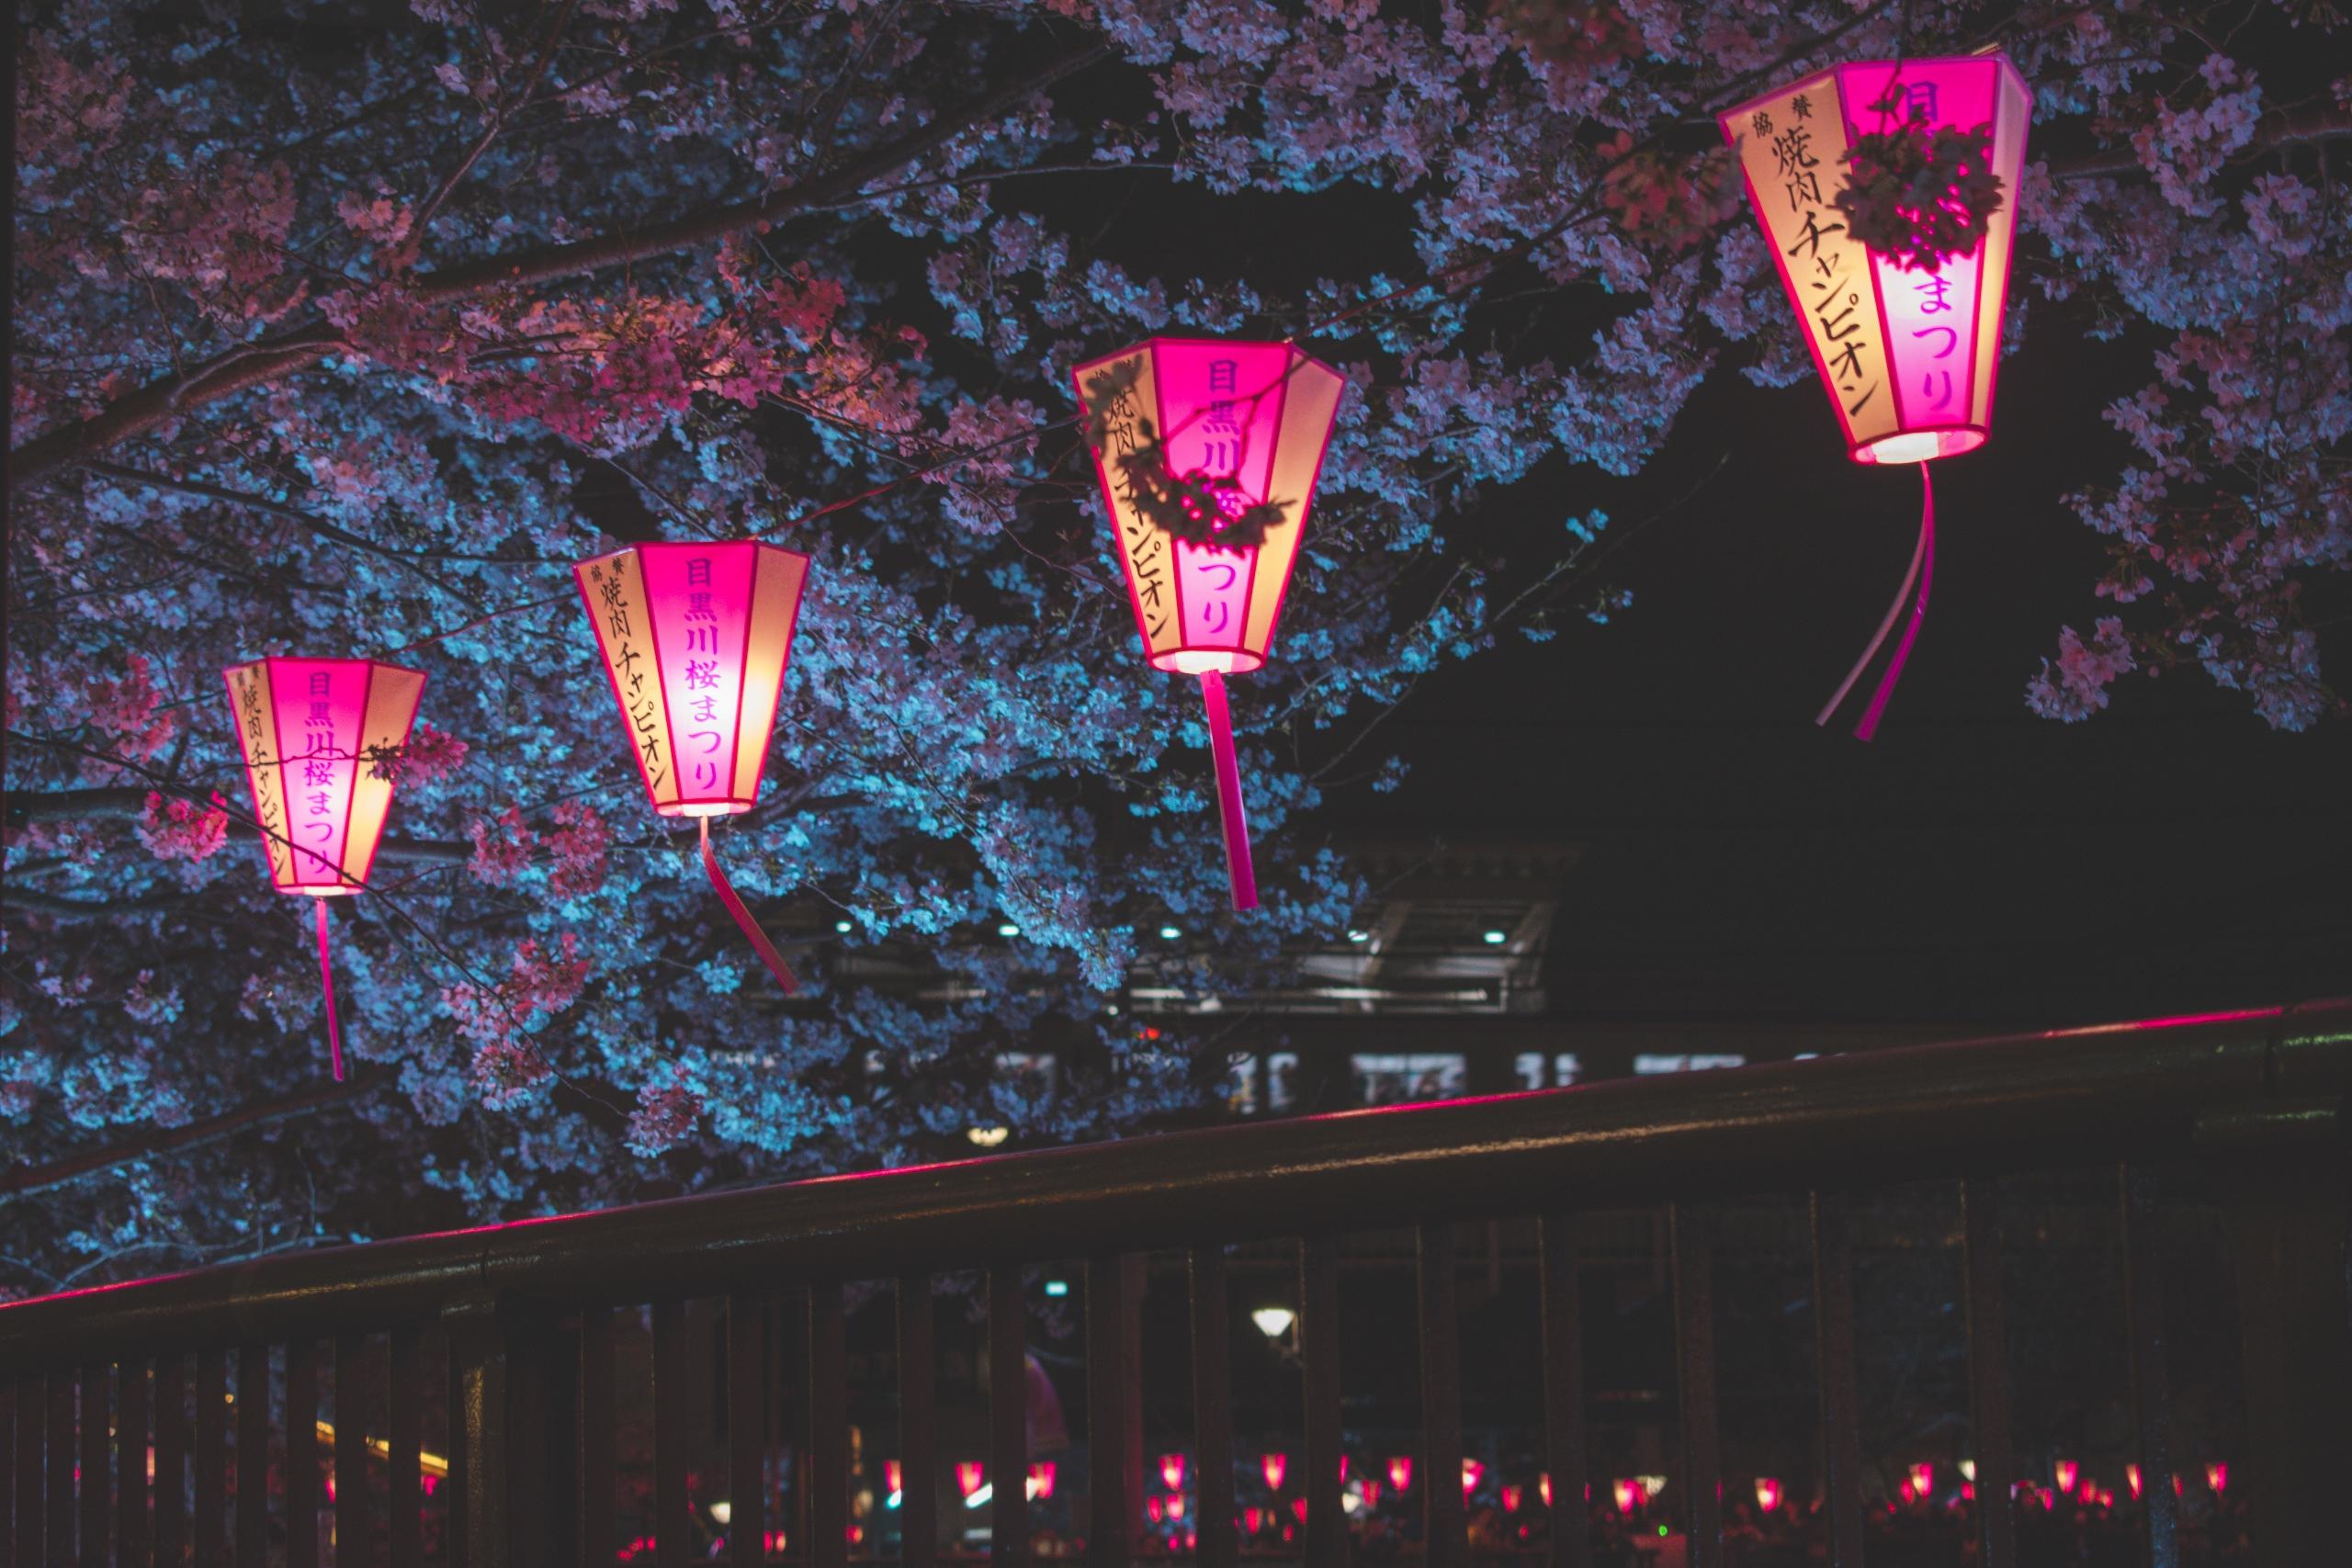 Wallpaper : Jepang, pemandangan, malam, Tokyo, bunga sakura